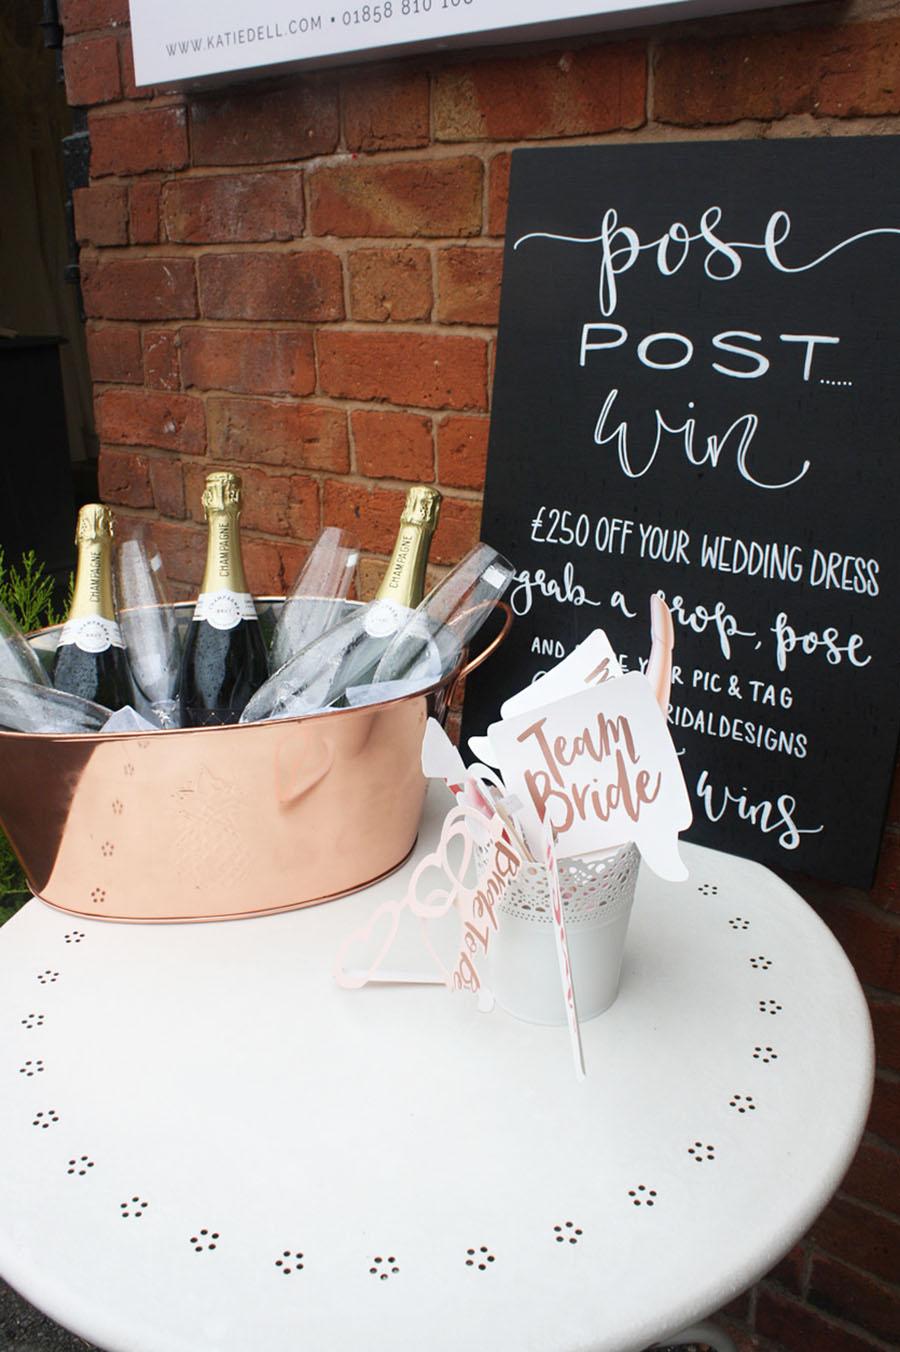 Katie Dell Bridal Boutique Launch